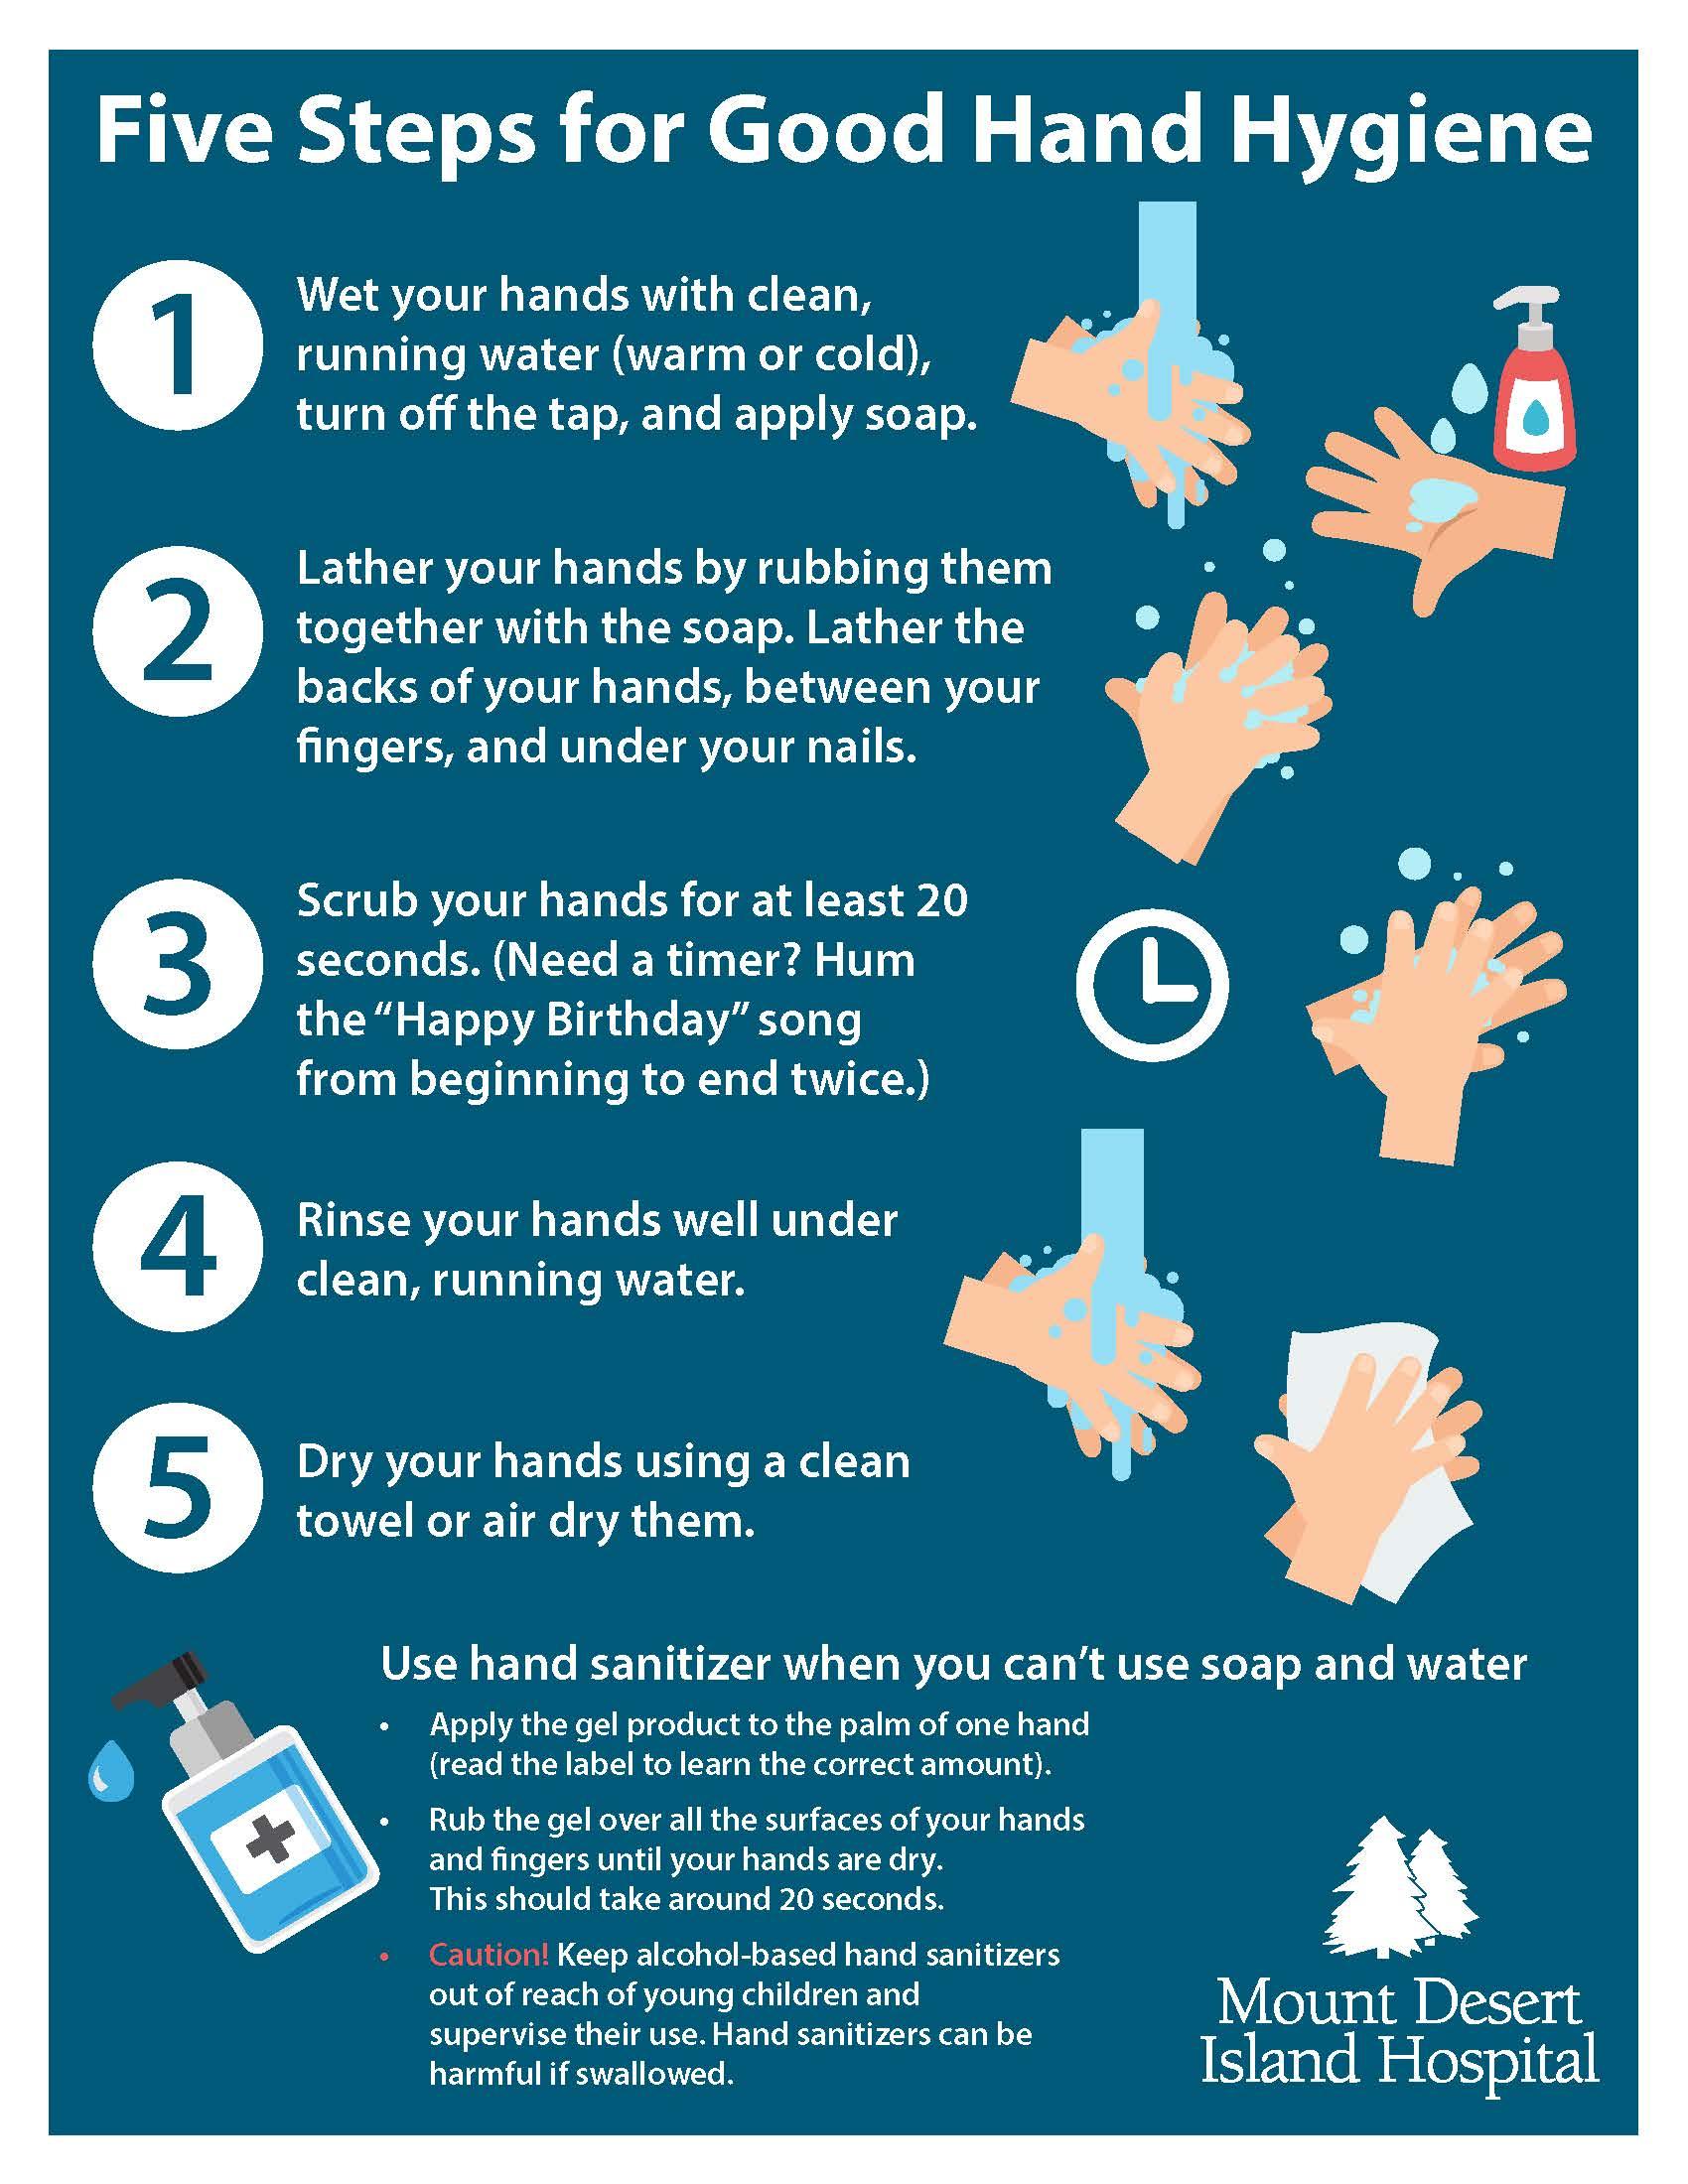 MDI-Hospital Public Hand Hygiene Tips